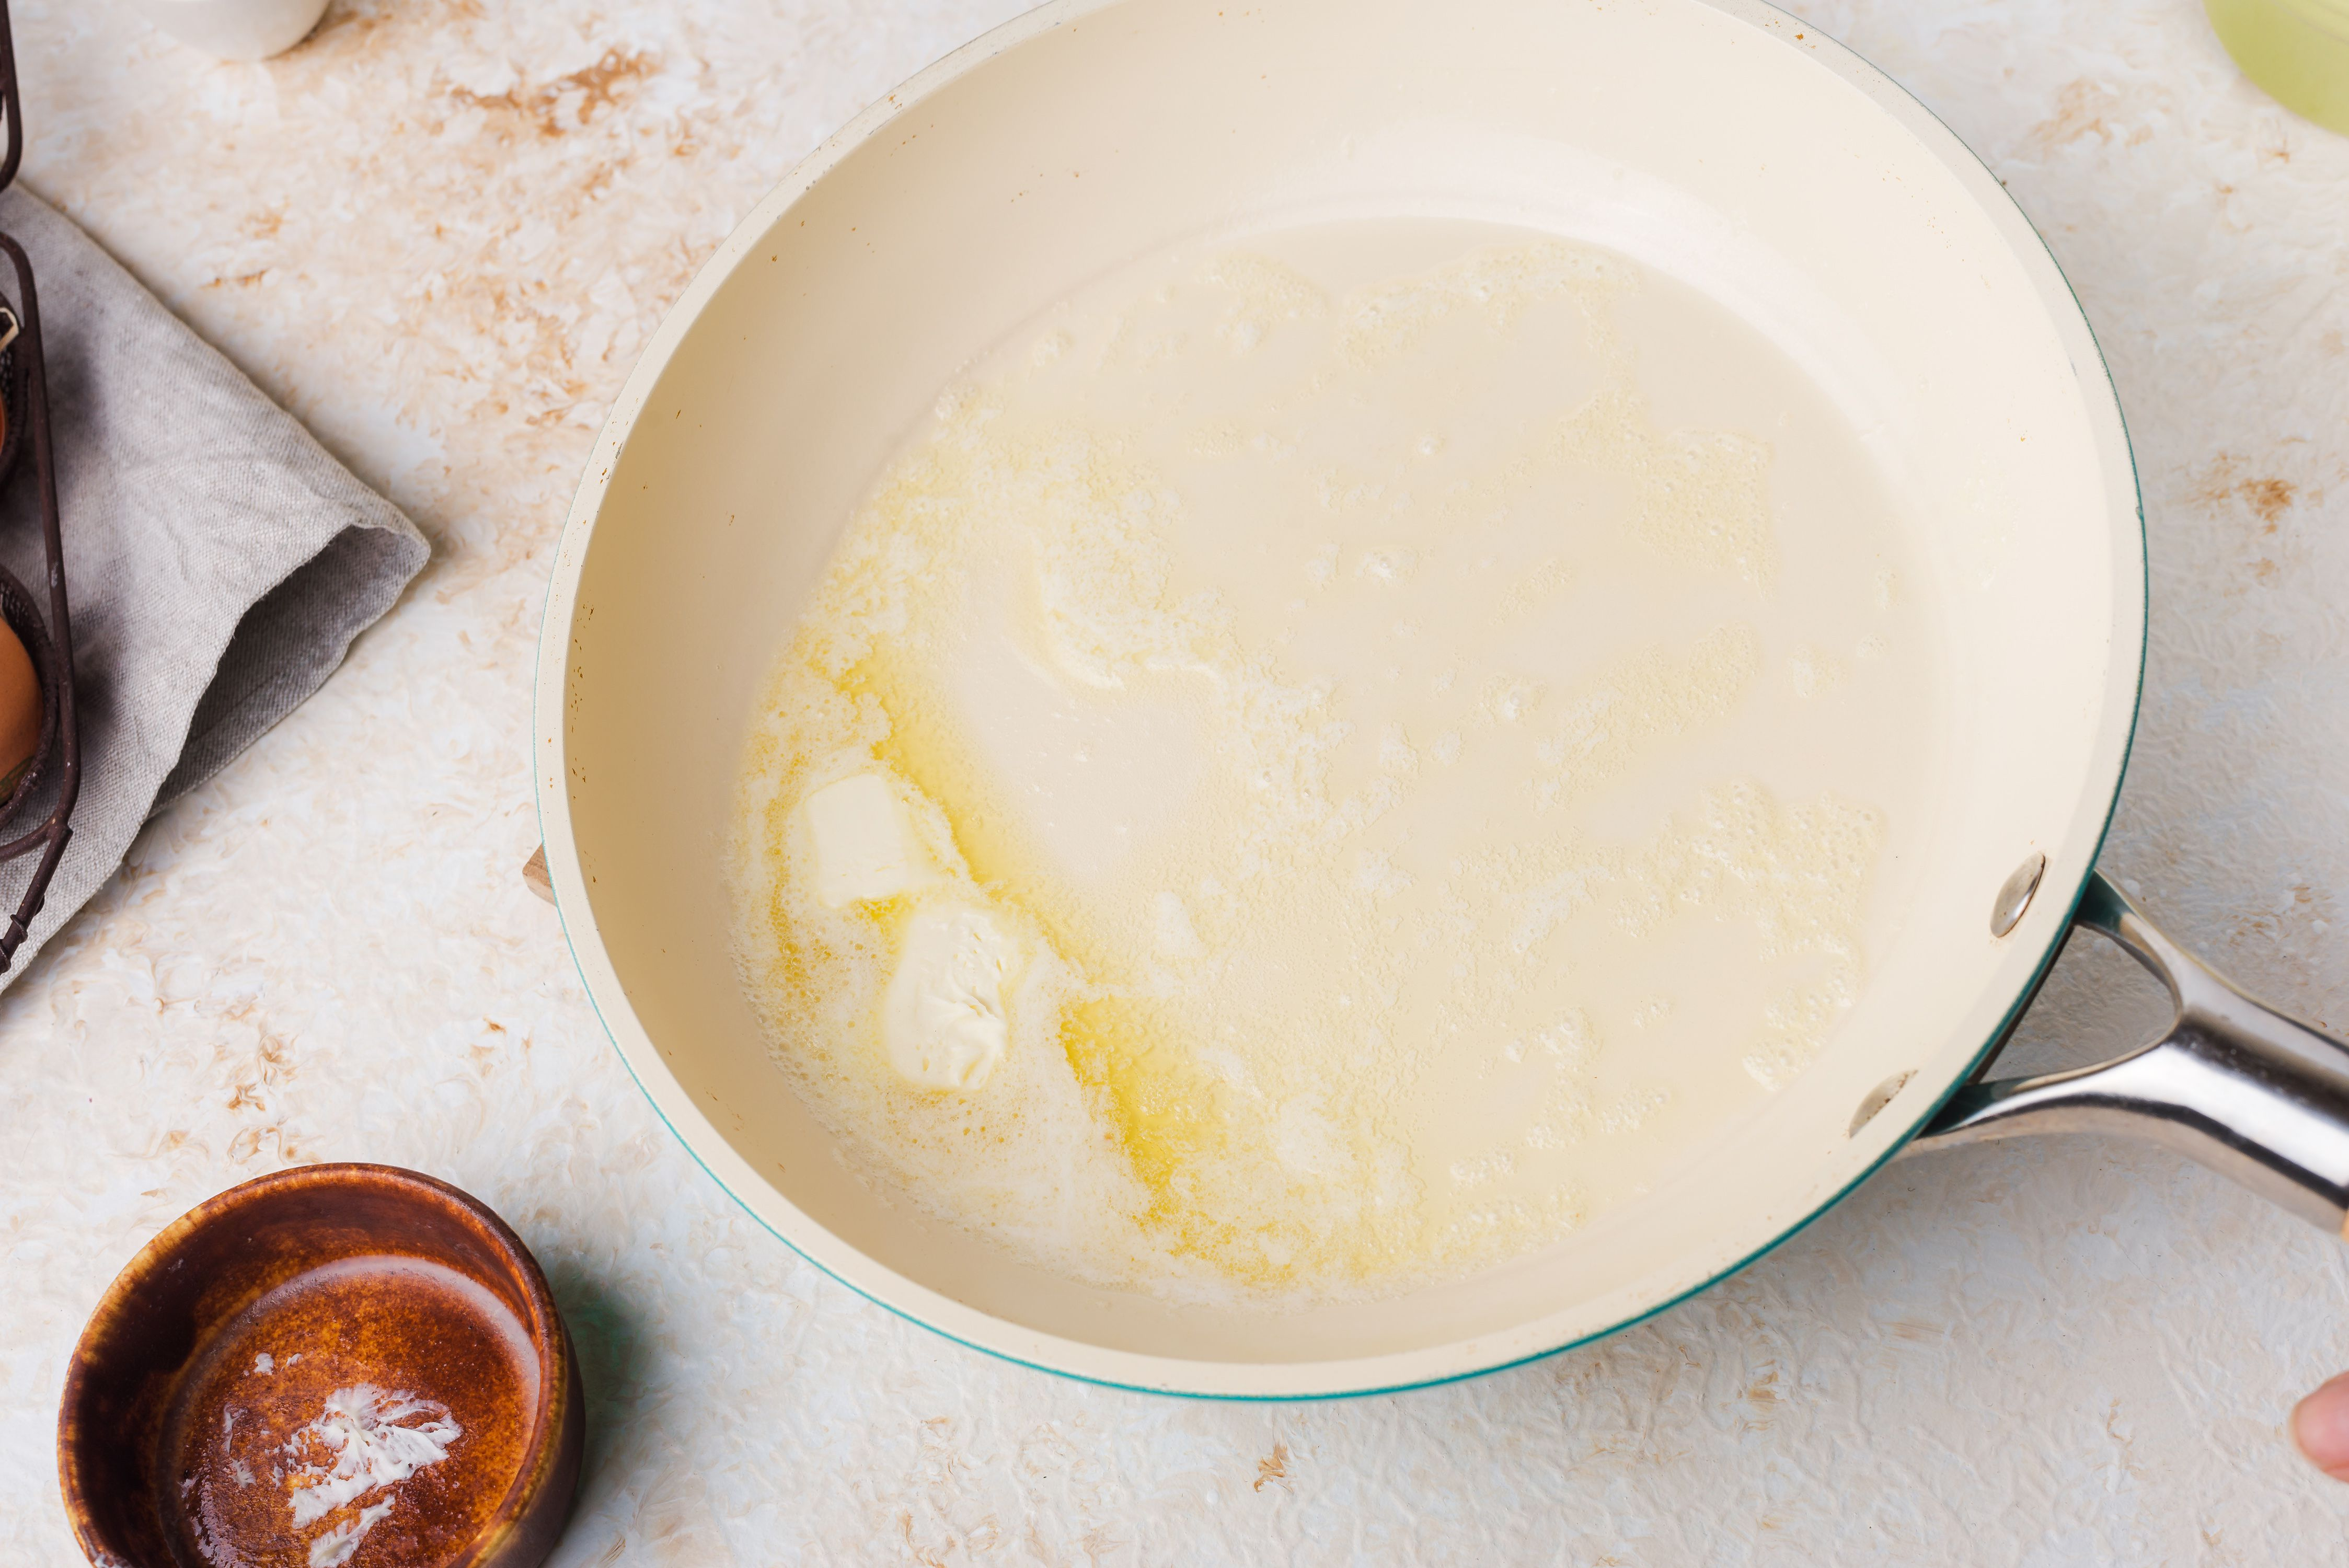 Heat the dairy free margarine